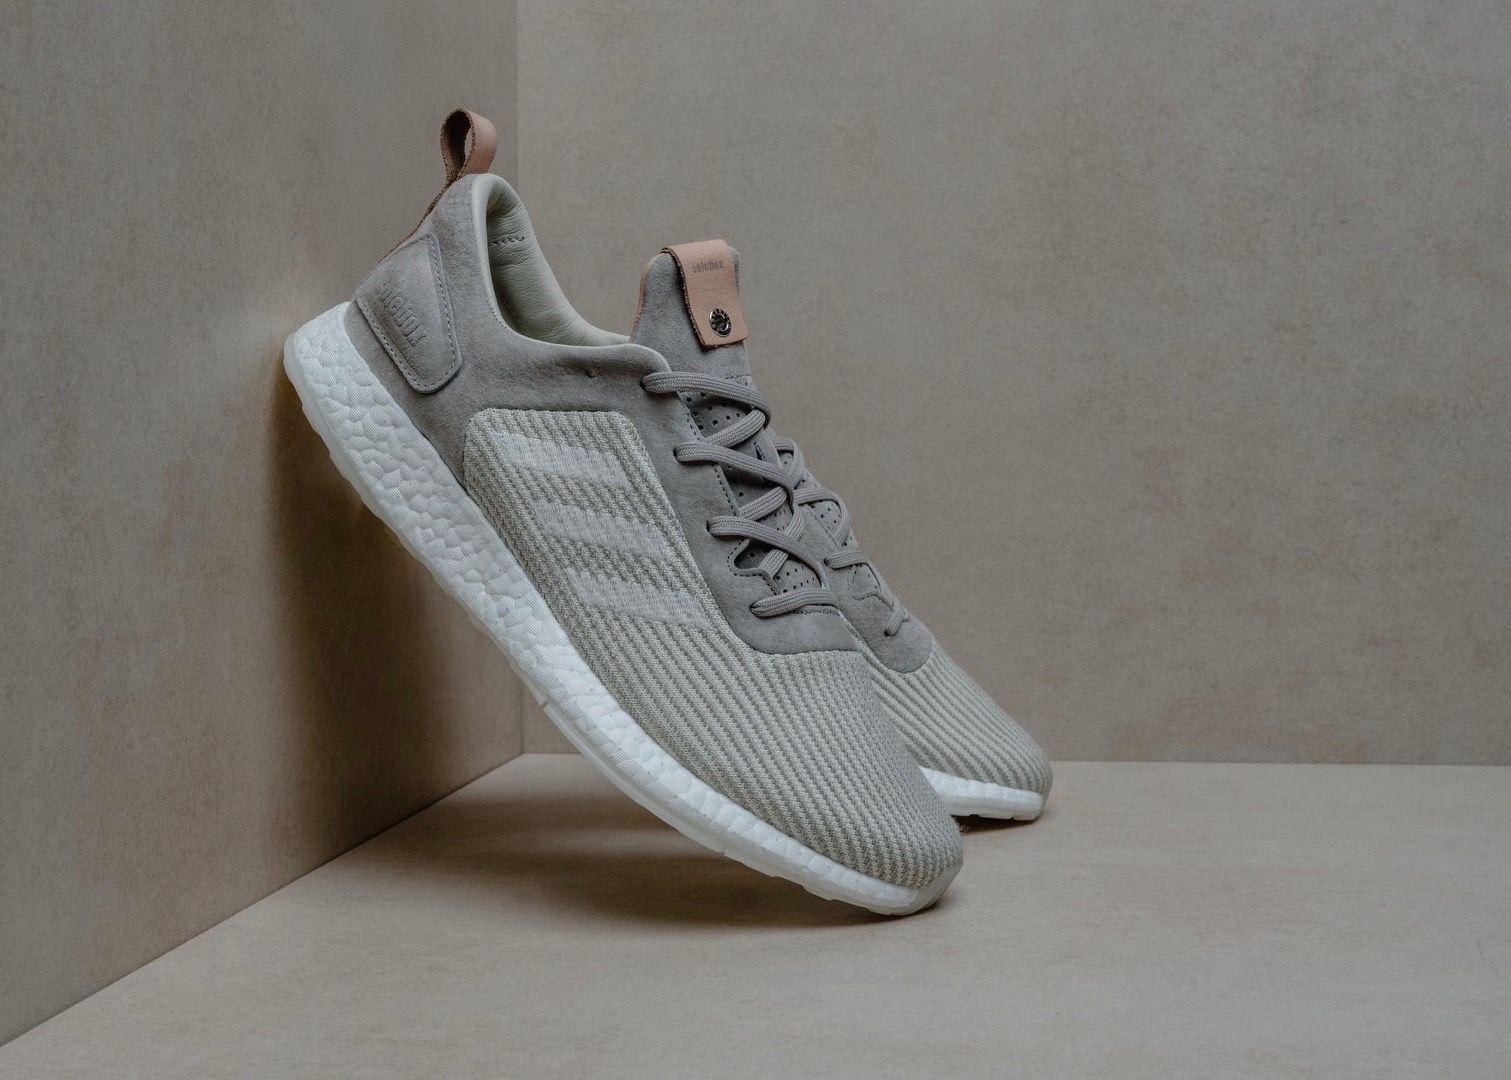 Solebox X Adidas Consortium Pure Boost Dpr Zapatos Zapatillas Tenis